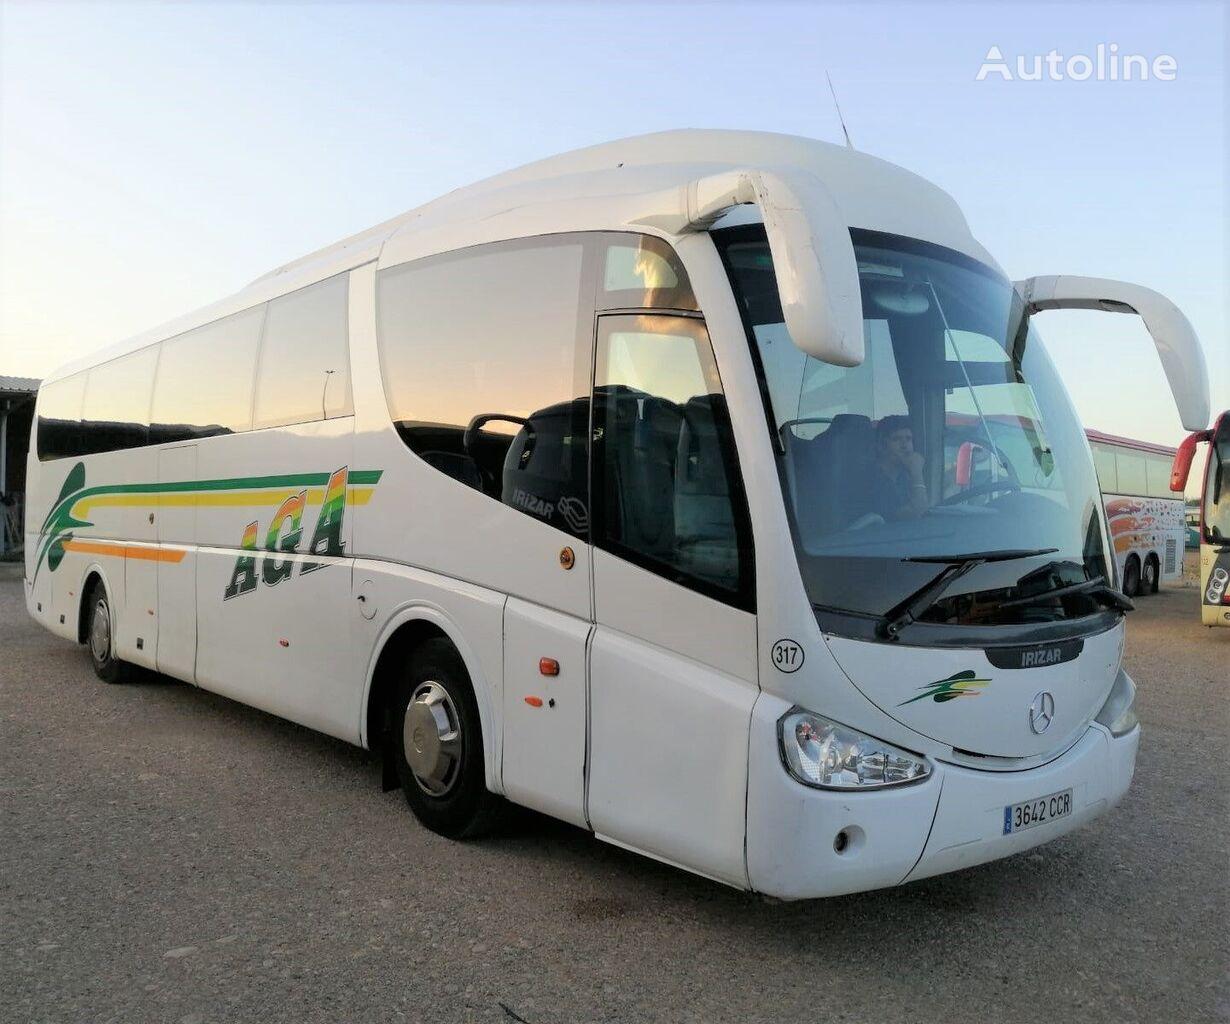 MERCEDES-BENZ OC500 - IRIZAR PB+420CV EURO3 MANUAL turistički autobus